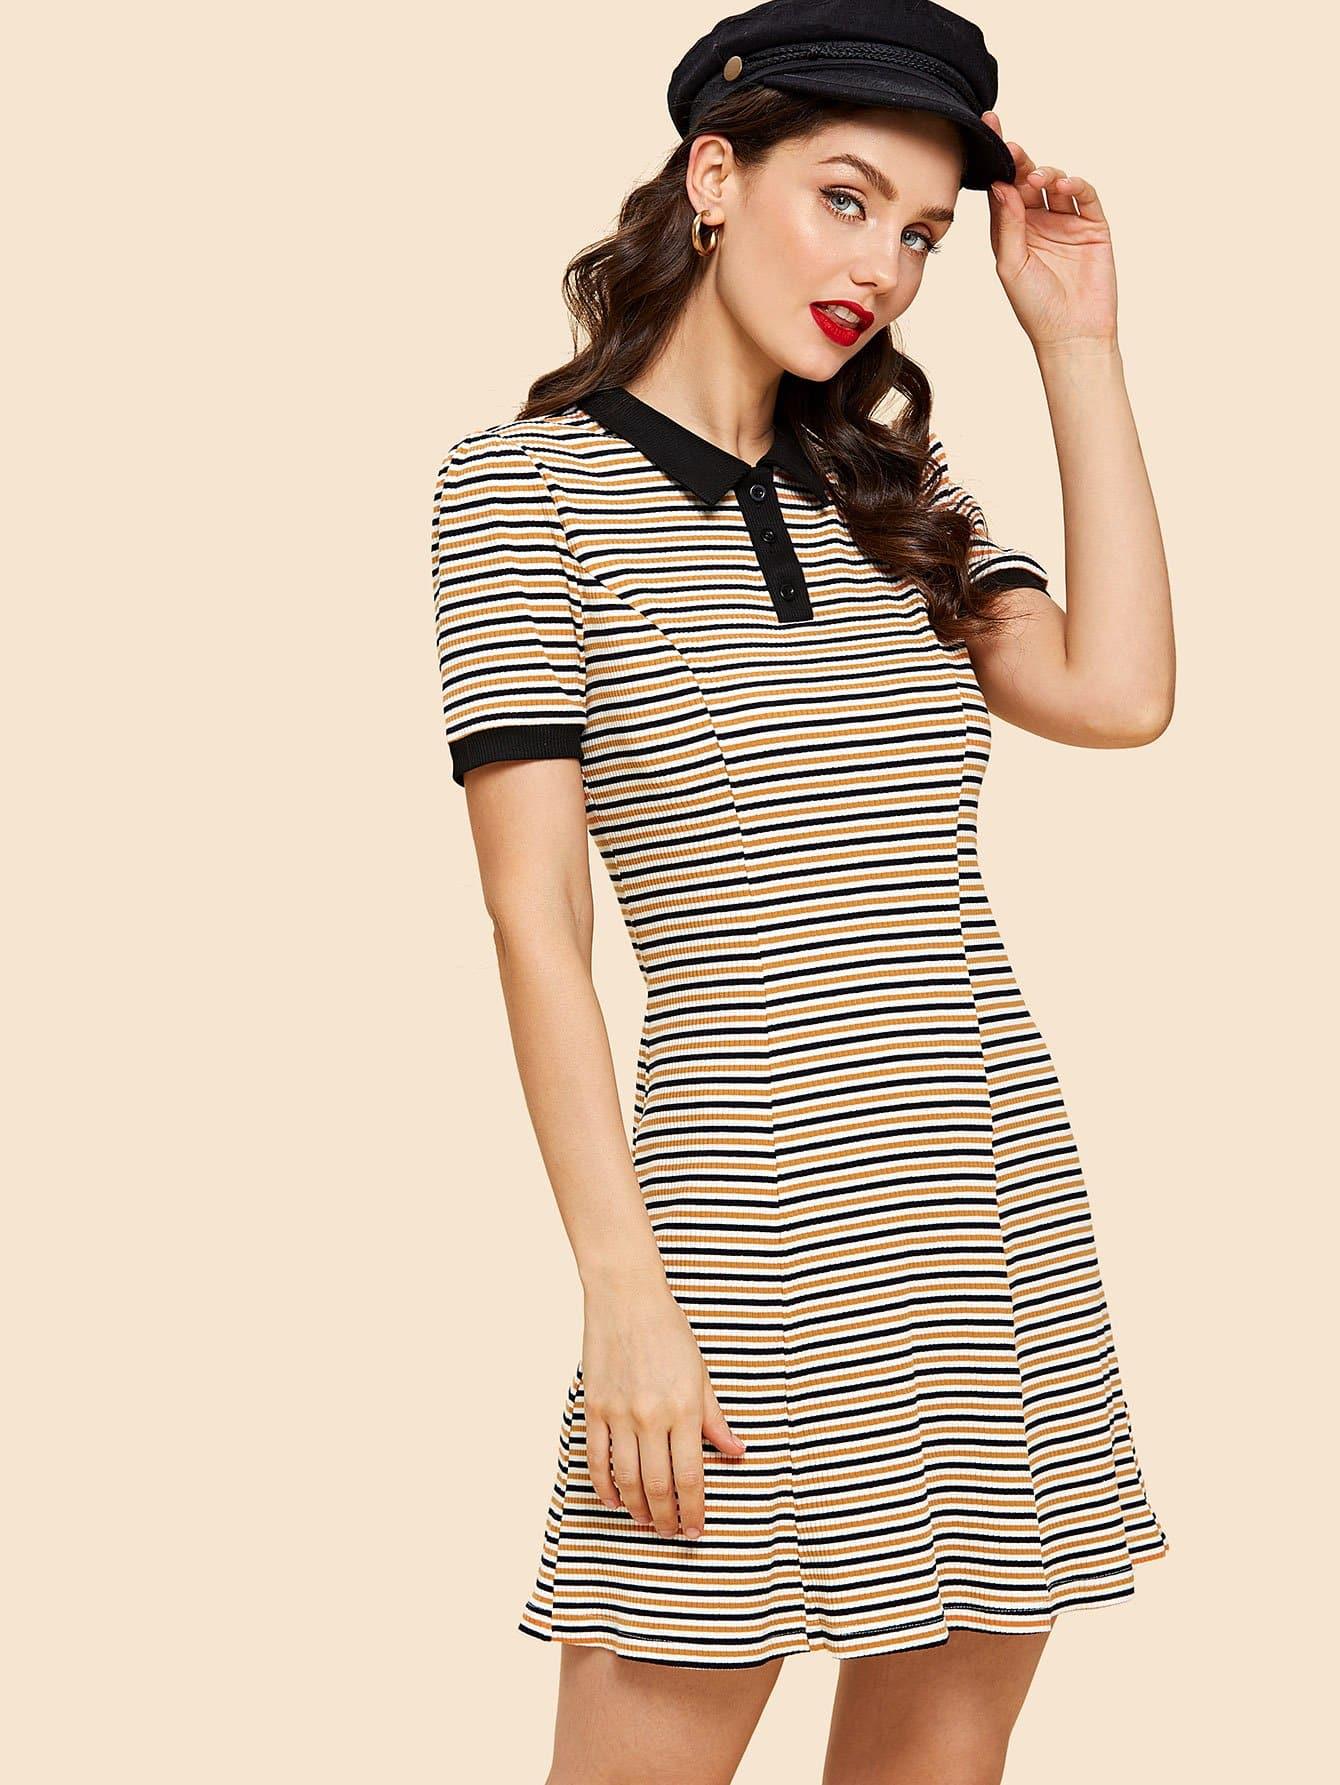 купить Rib Knit Striped Polo Dress в интернет-магазине